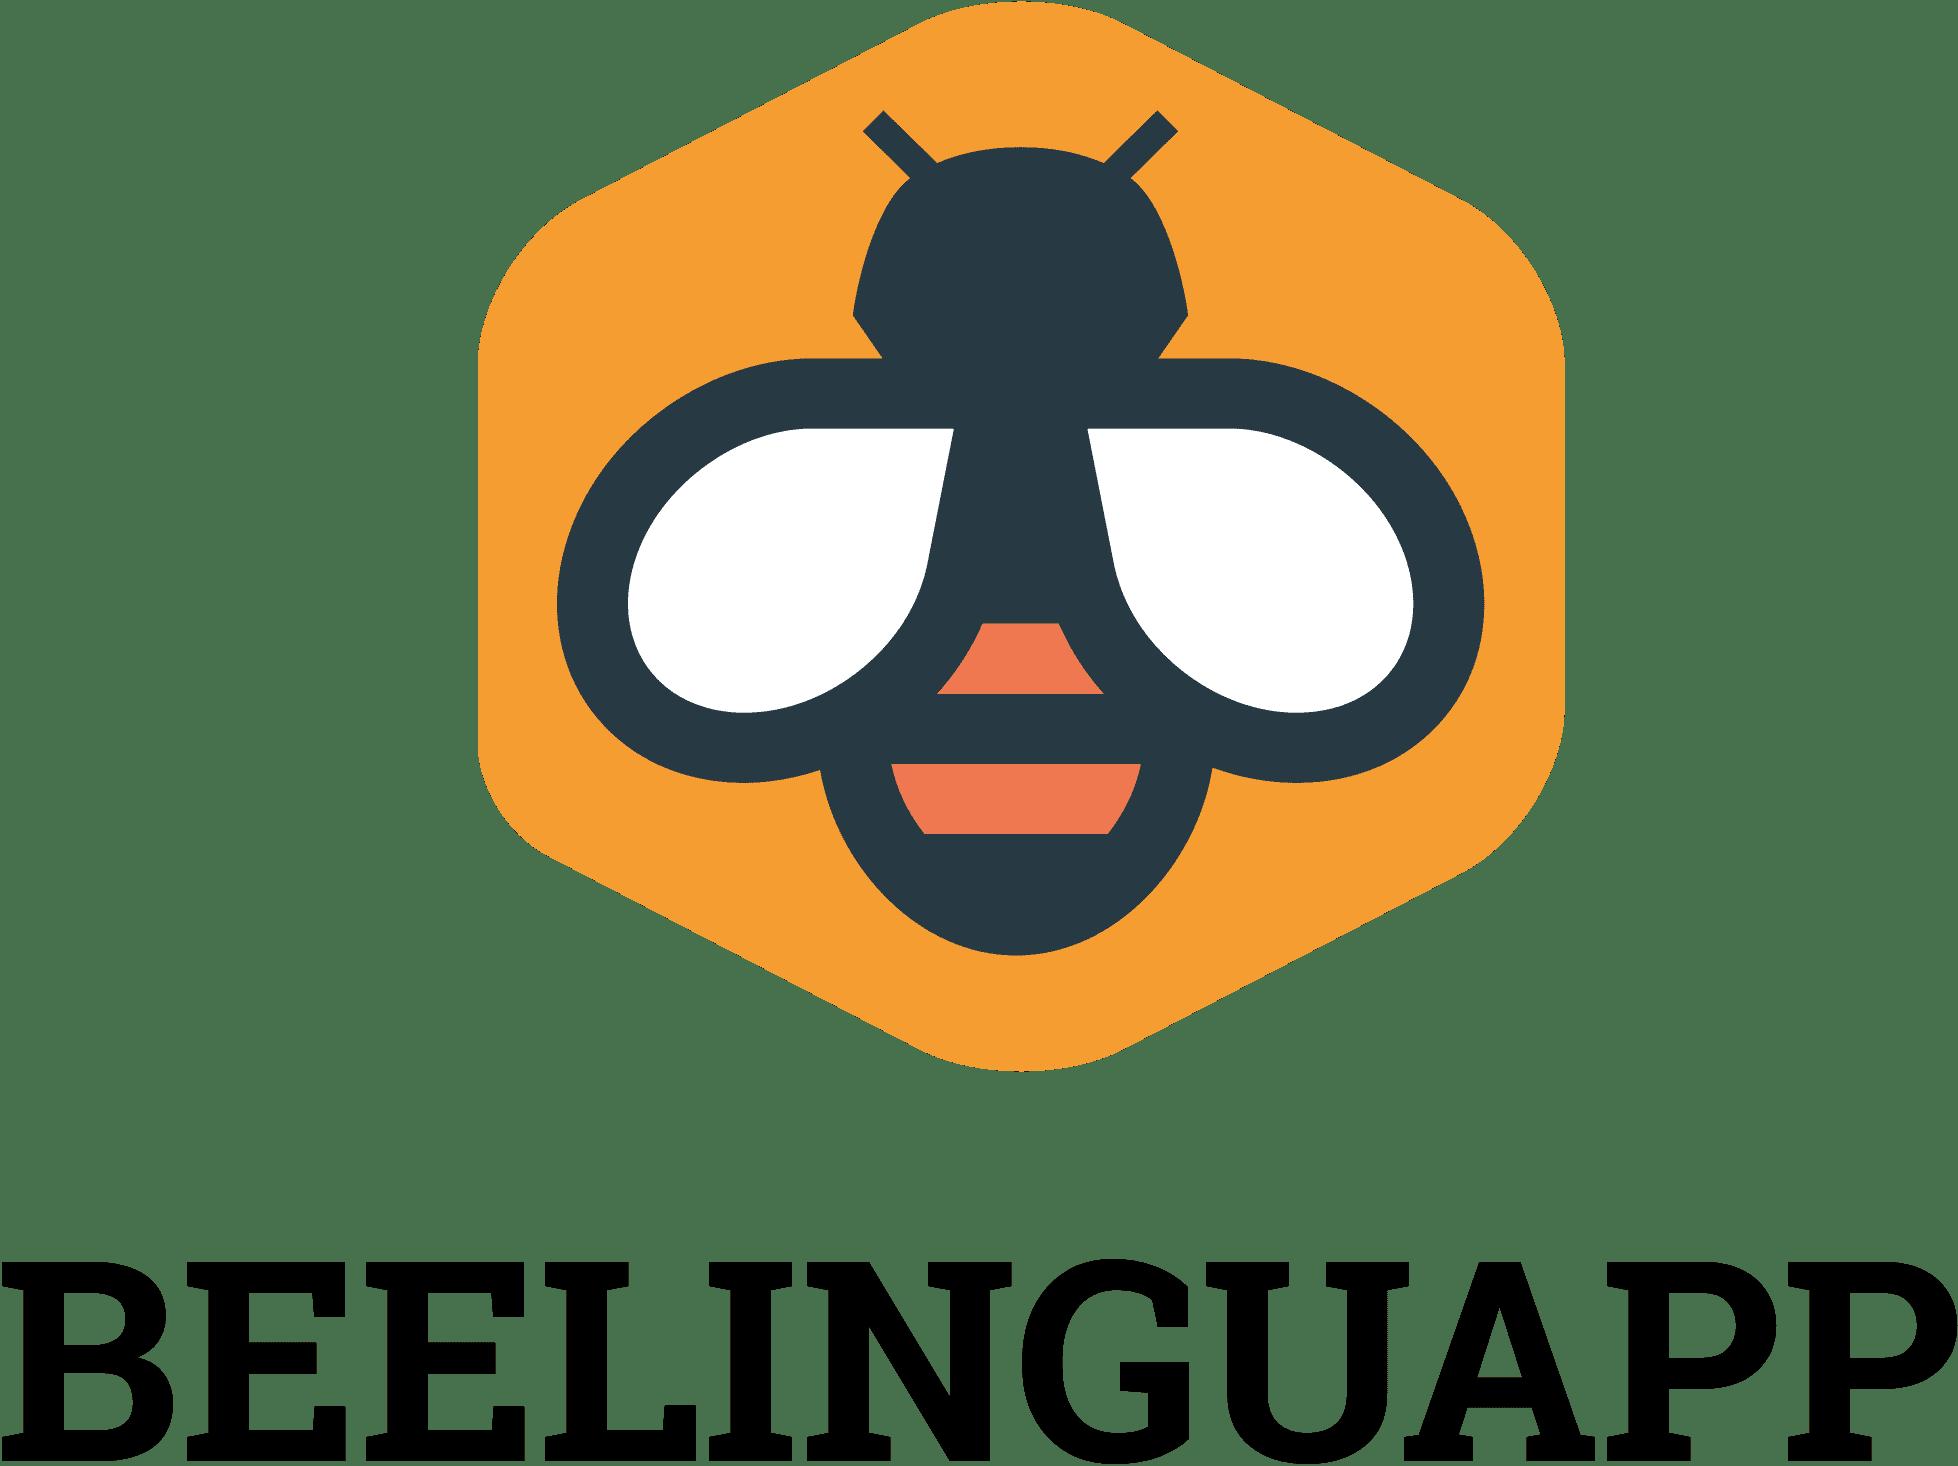 Beelingu